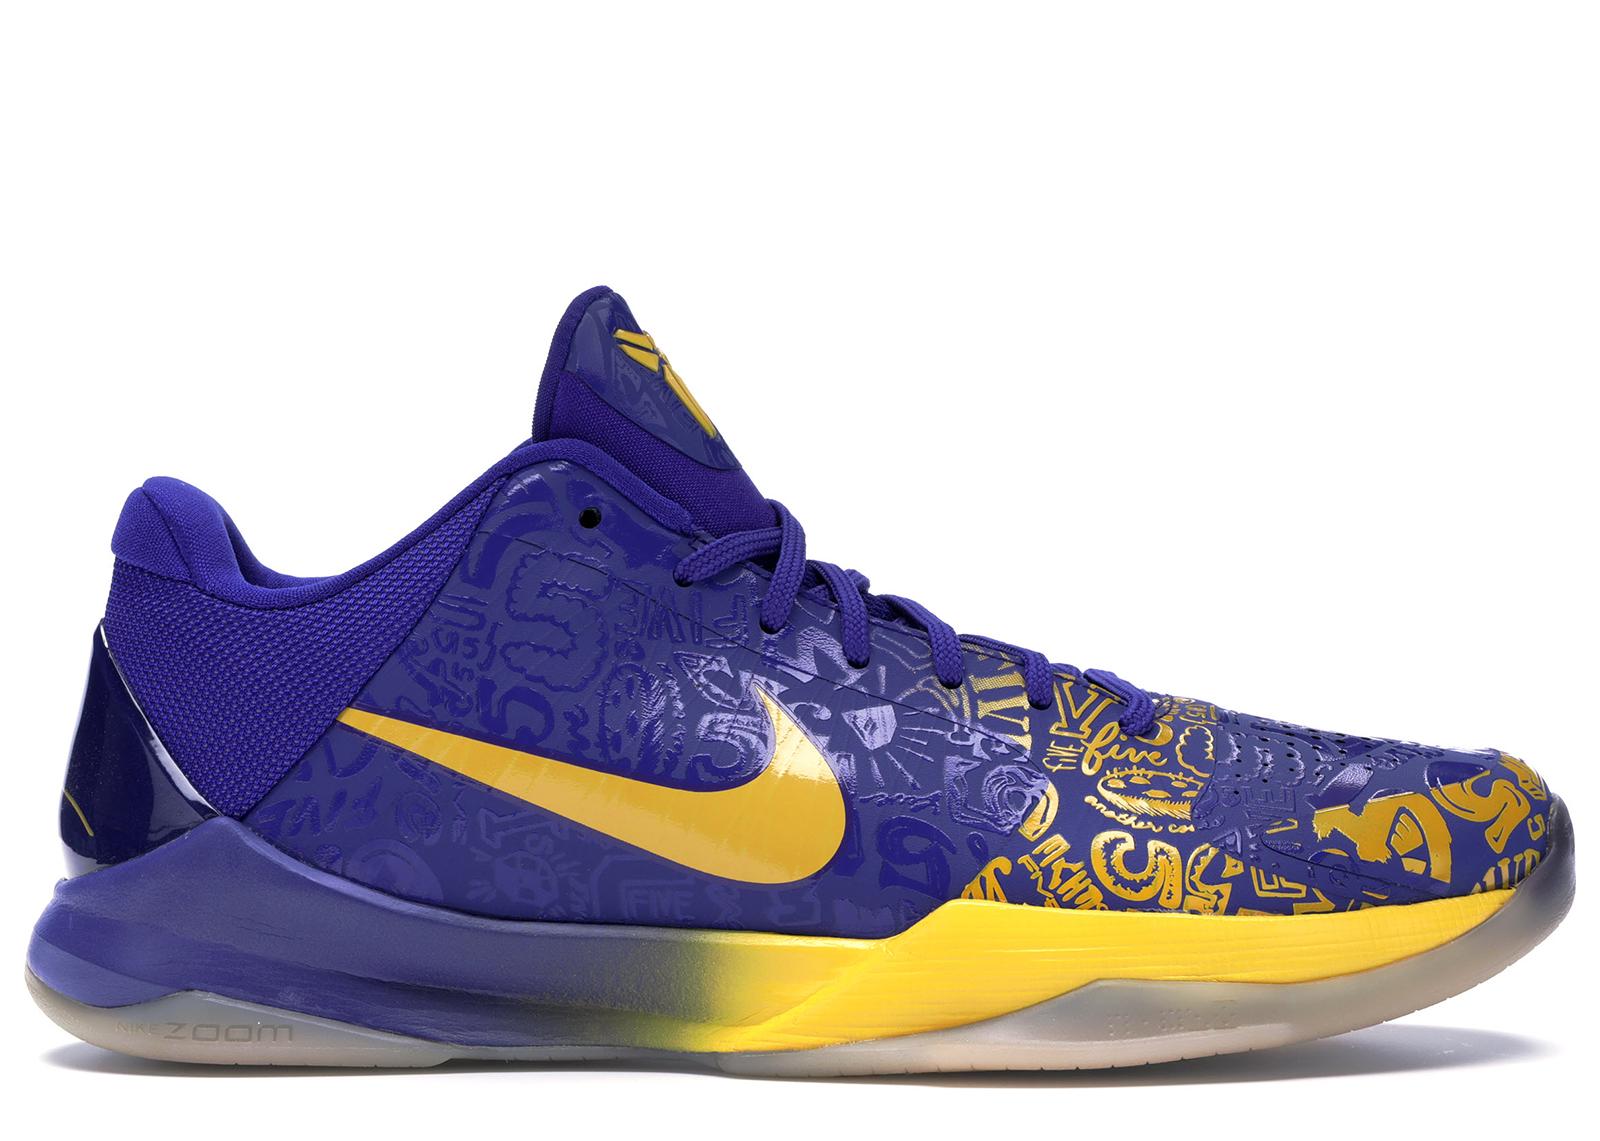 Nike Kobe 5 5 Rings (2010) - 386429-702